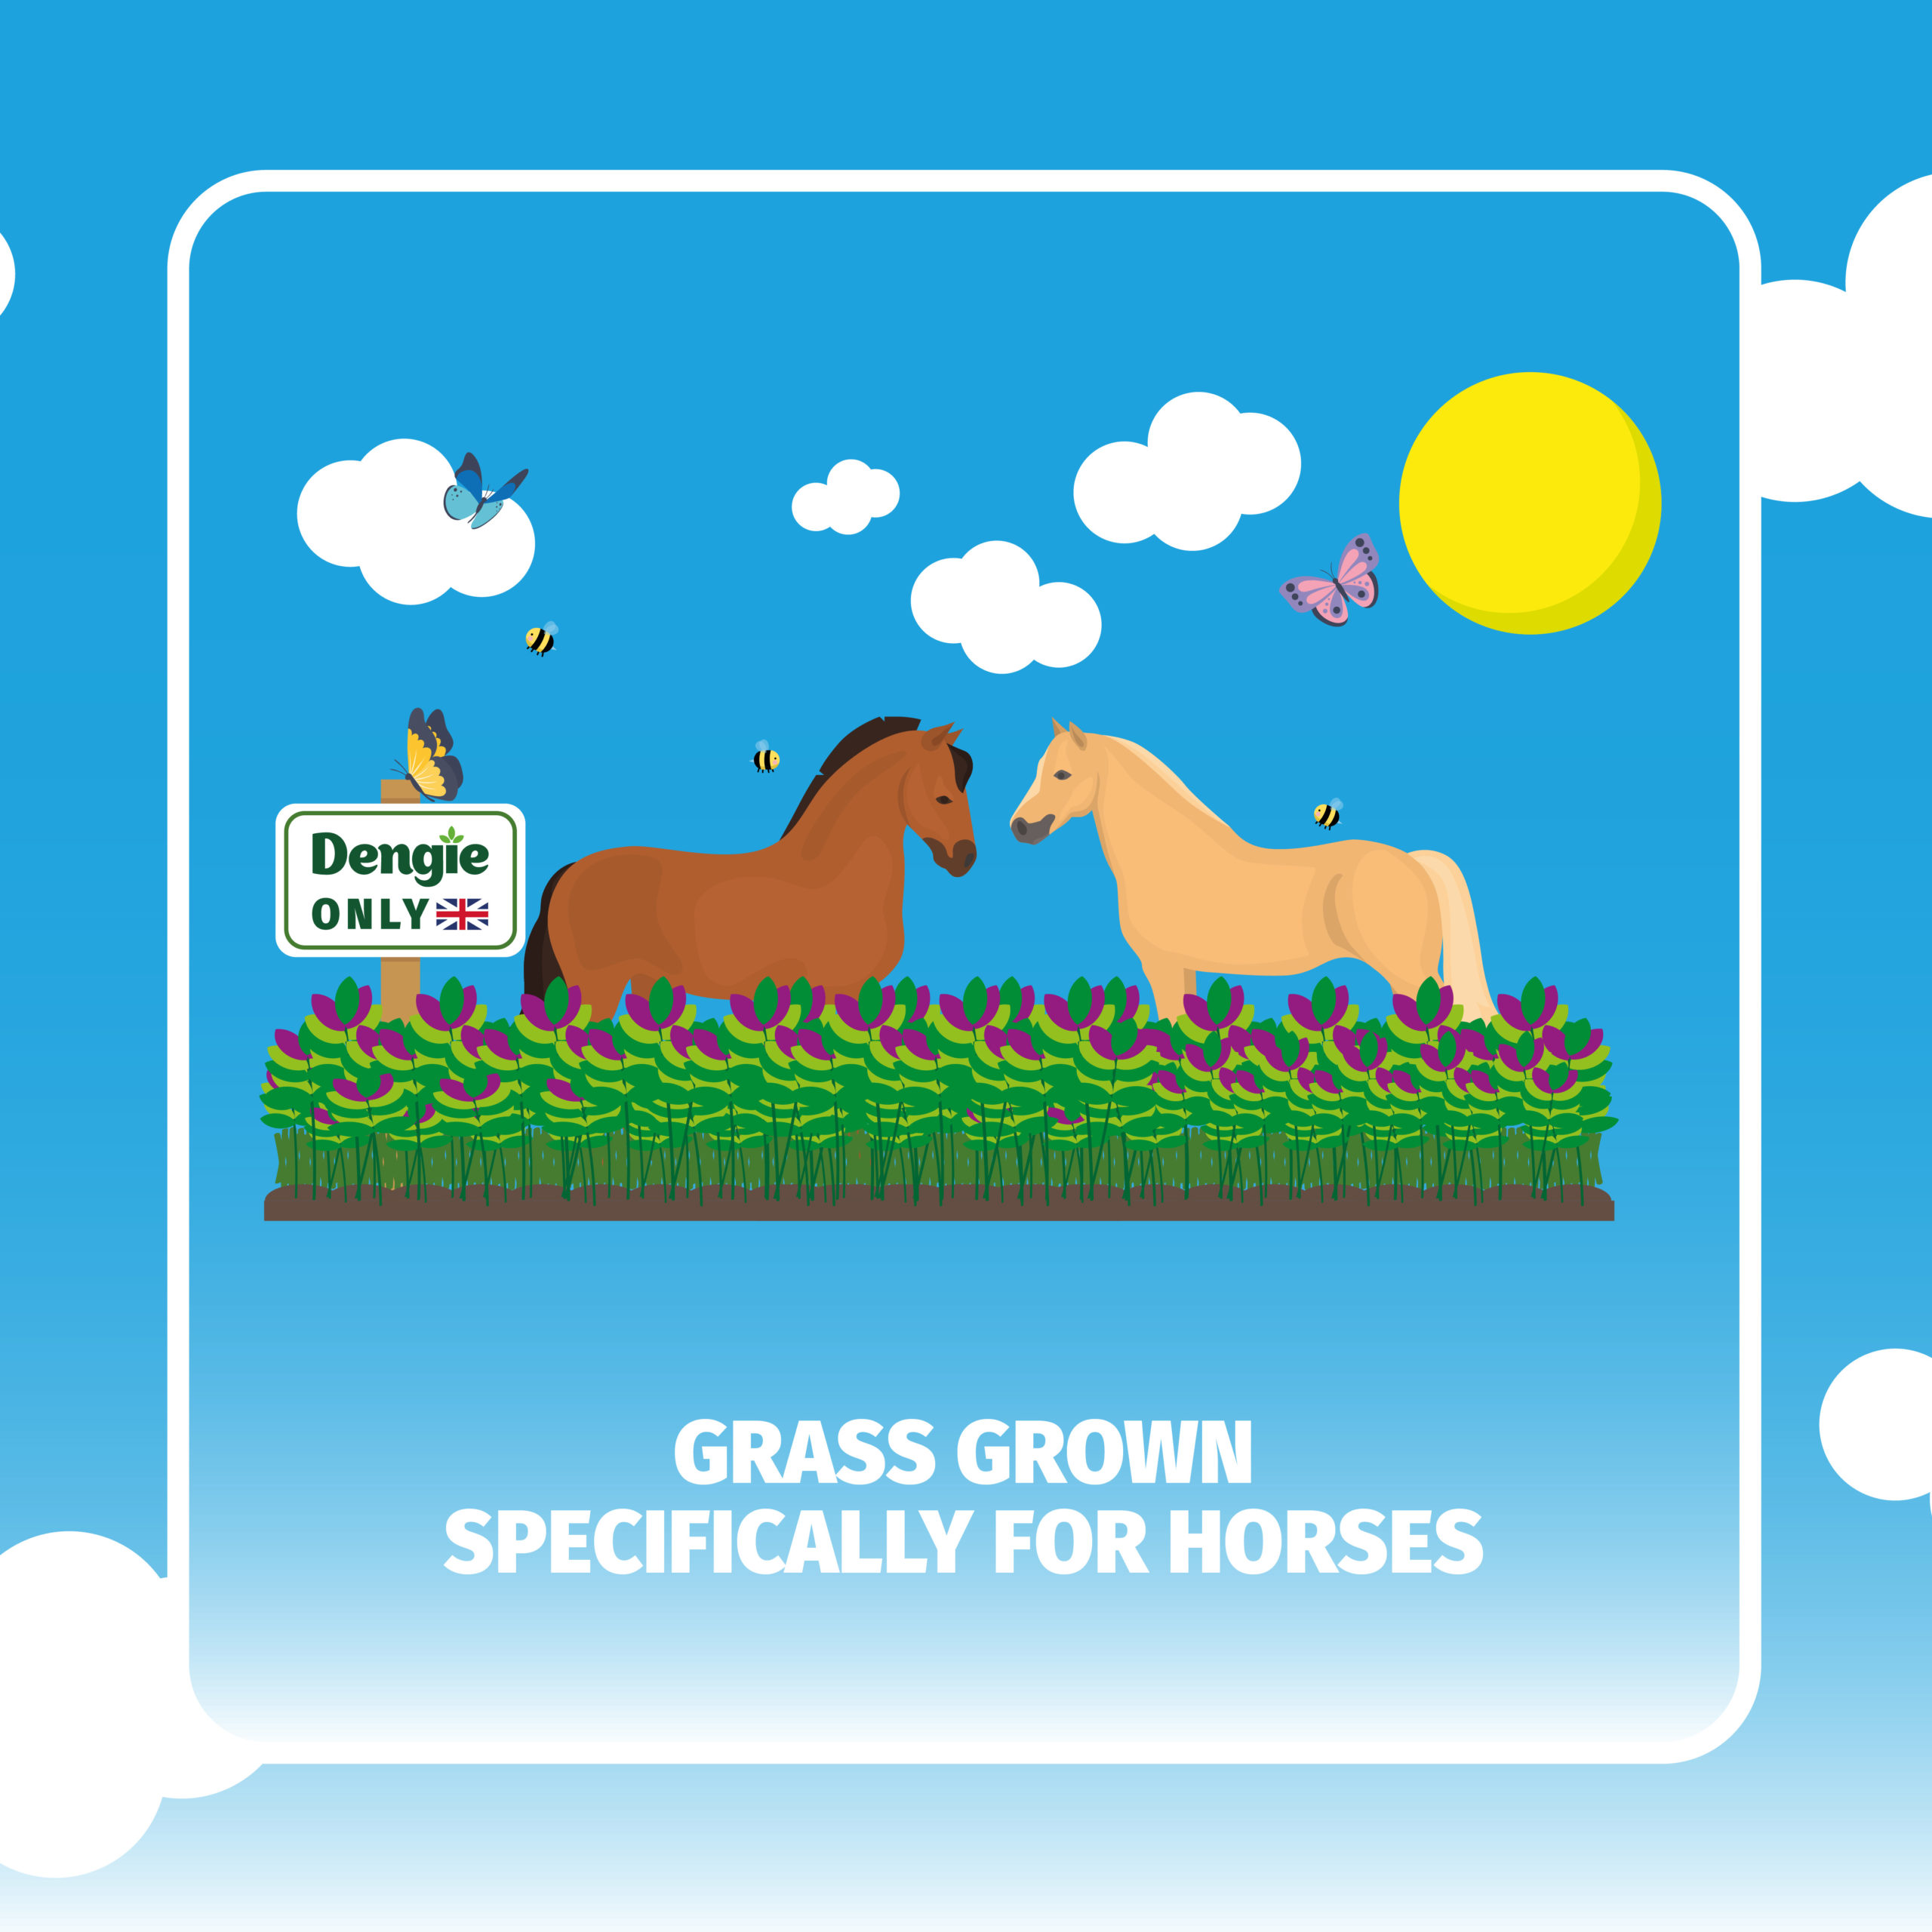 Dengie Meadow Grass